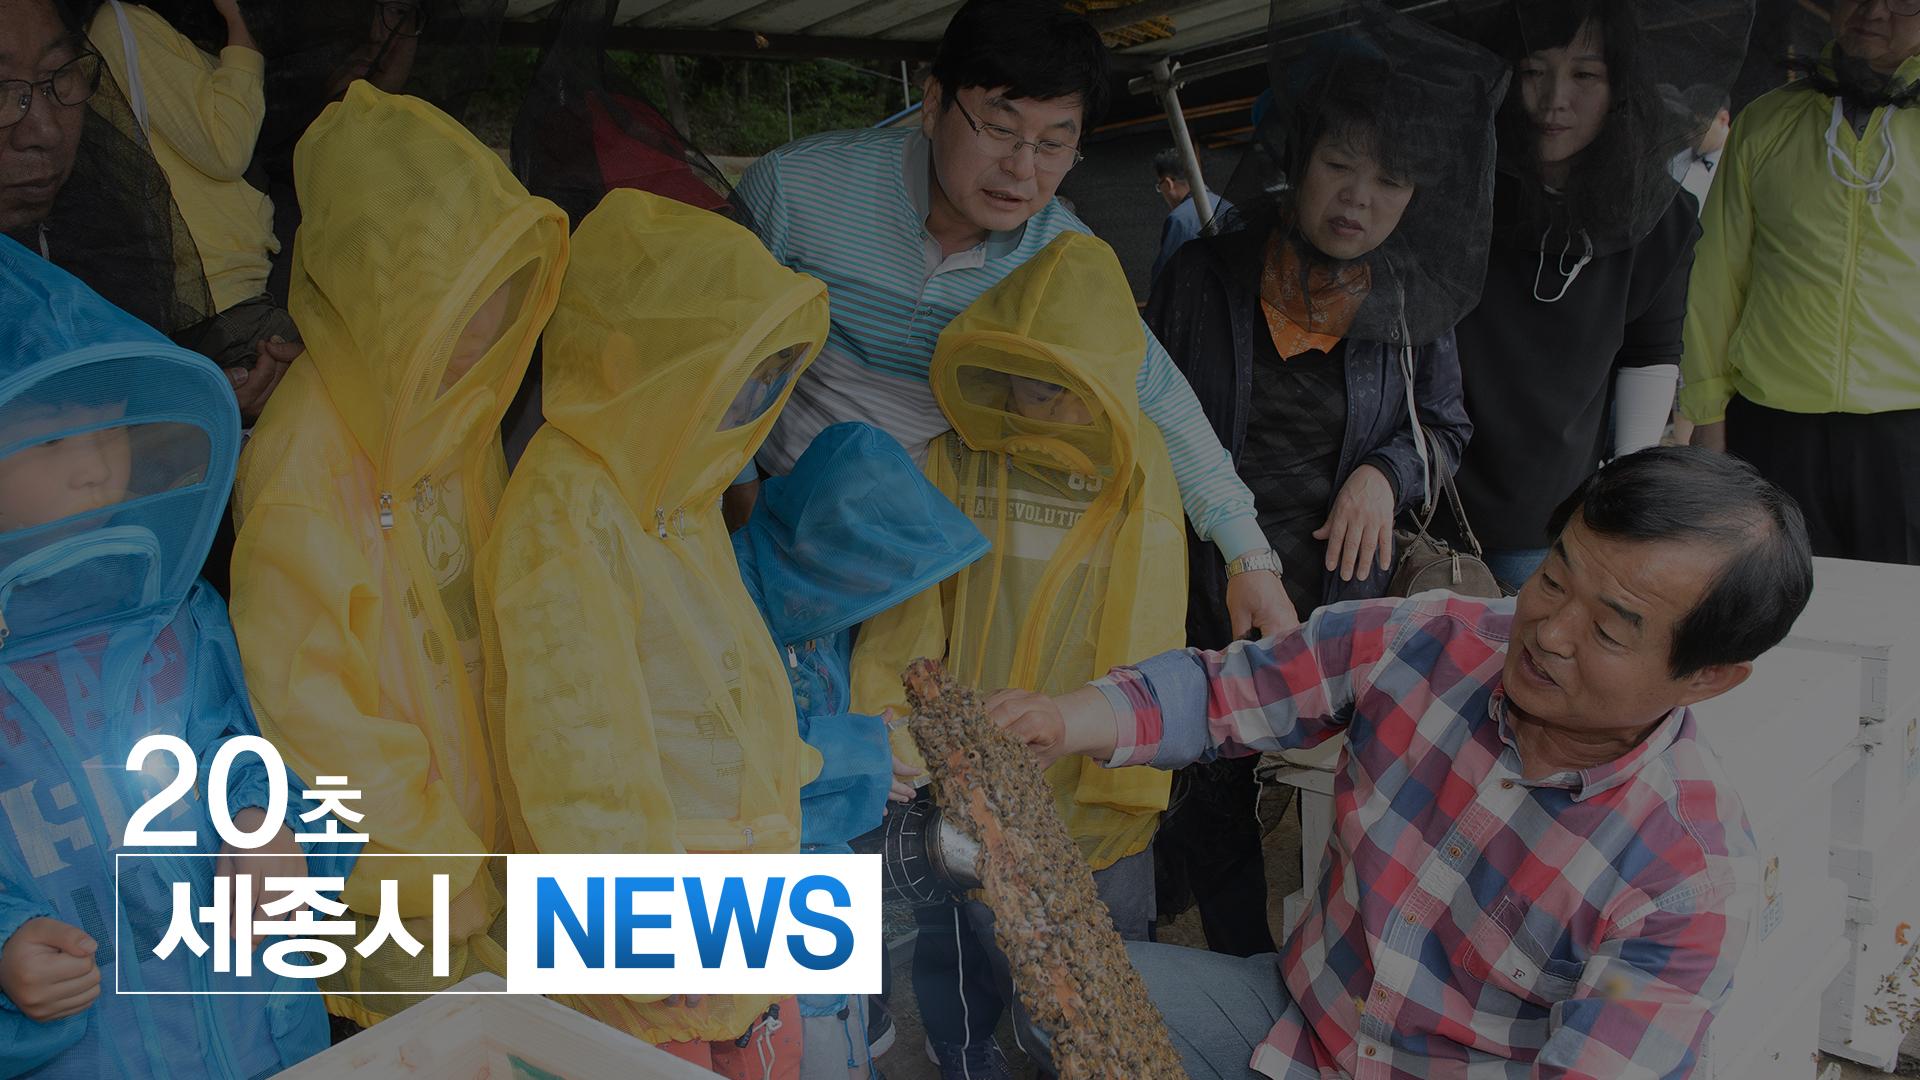 <20초뉴스> 세종시, 시민 체험양봉장 개장